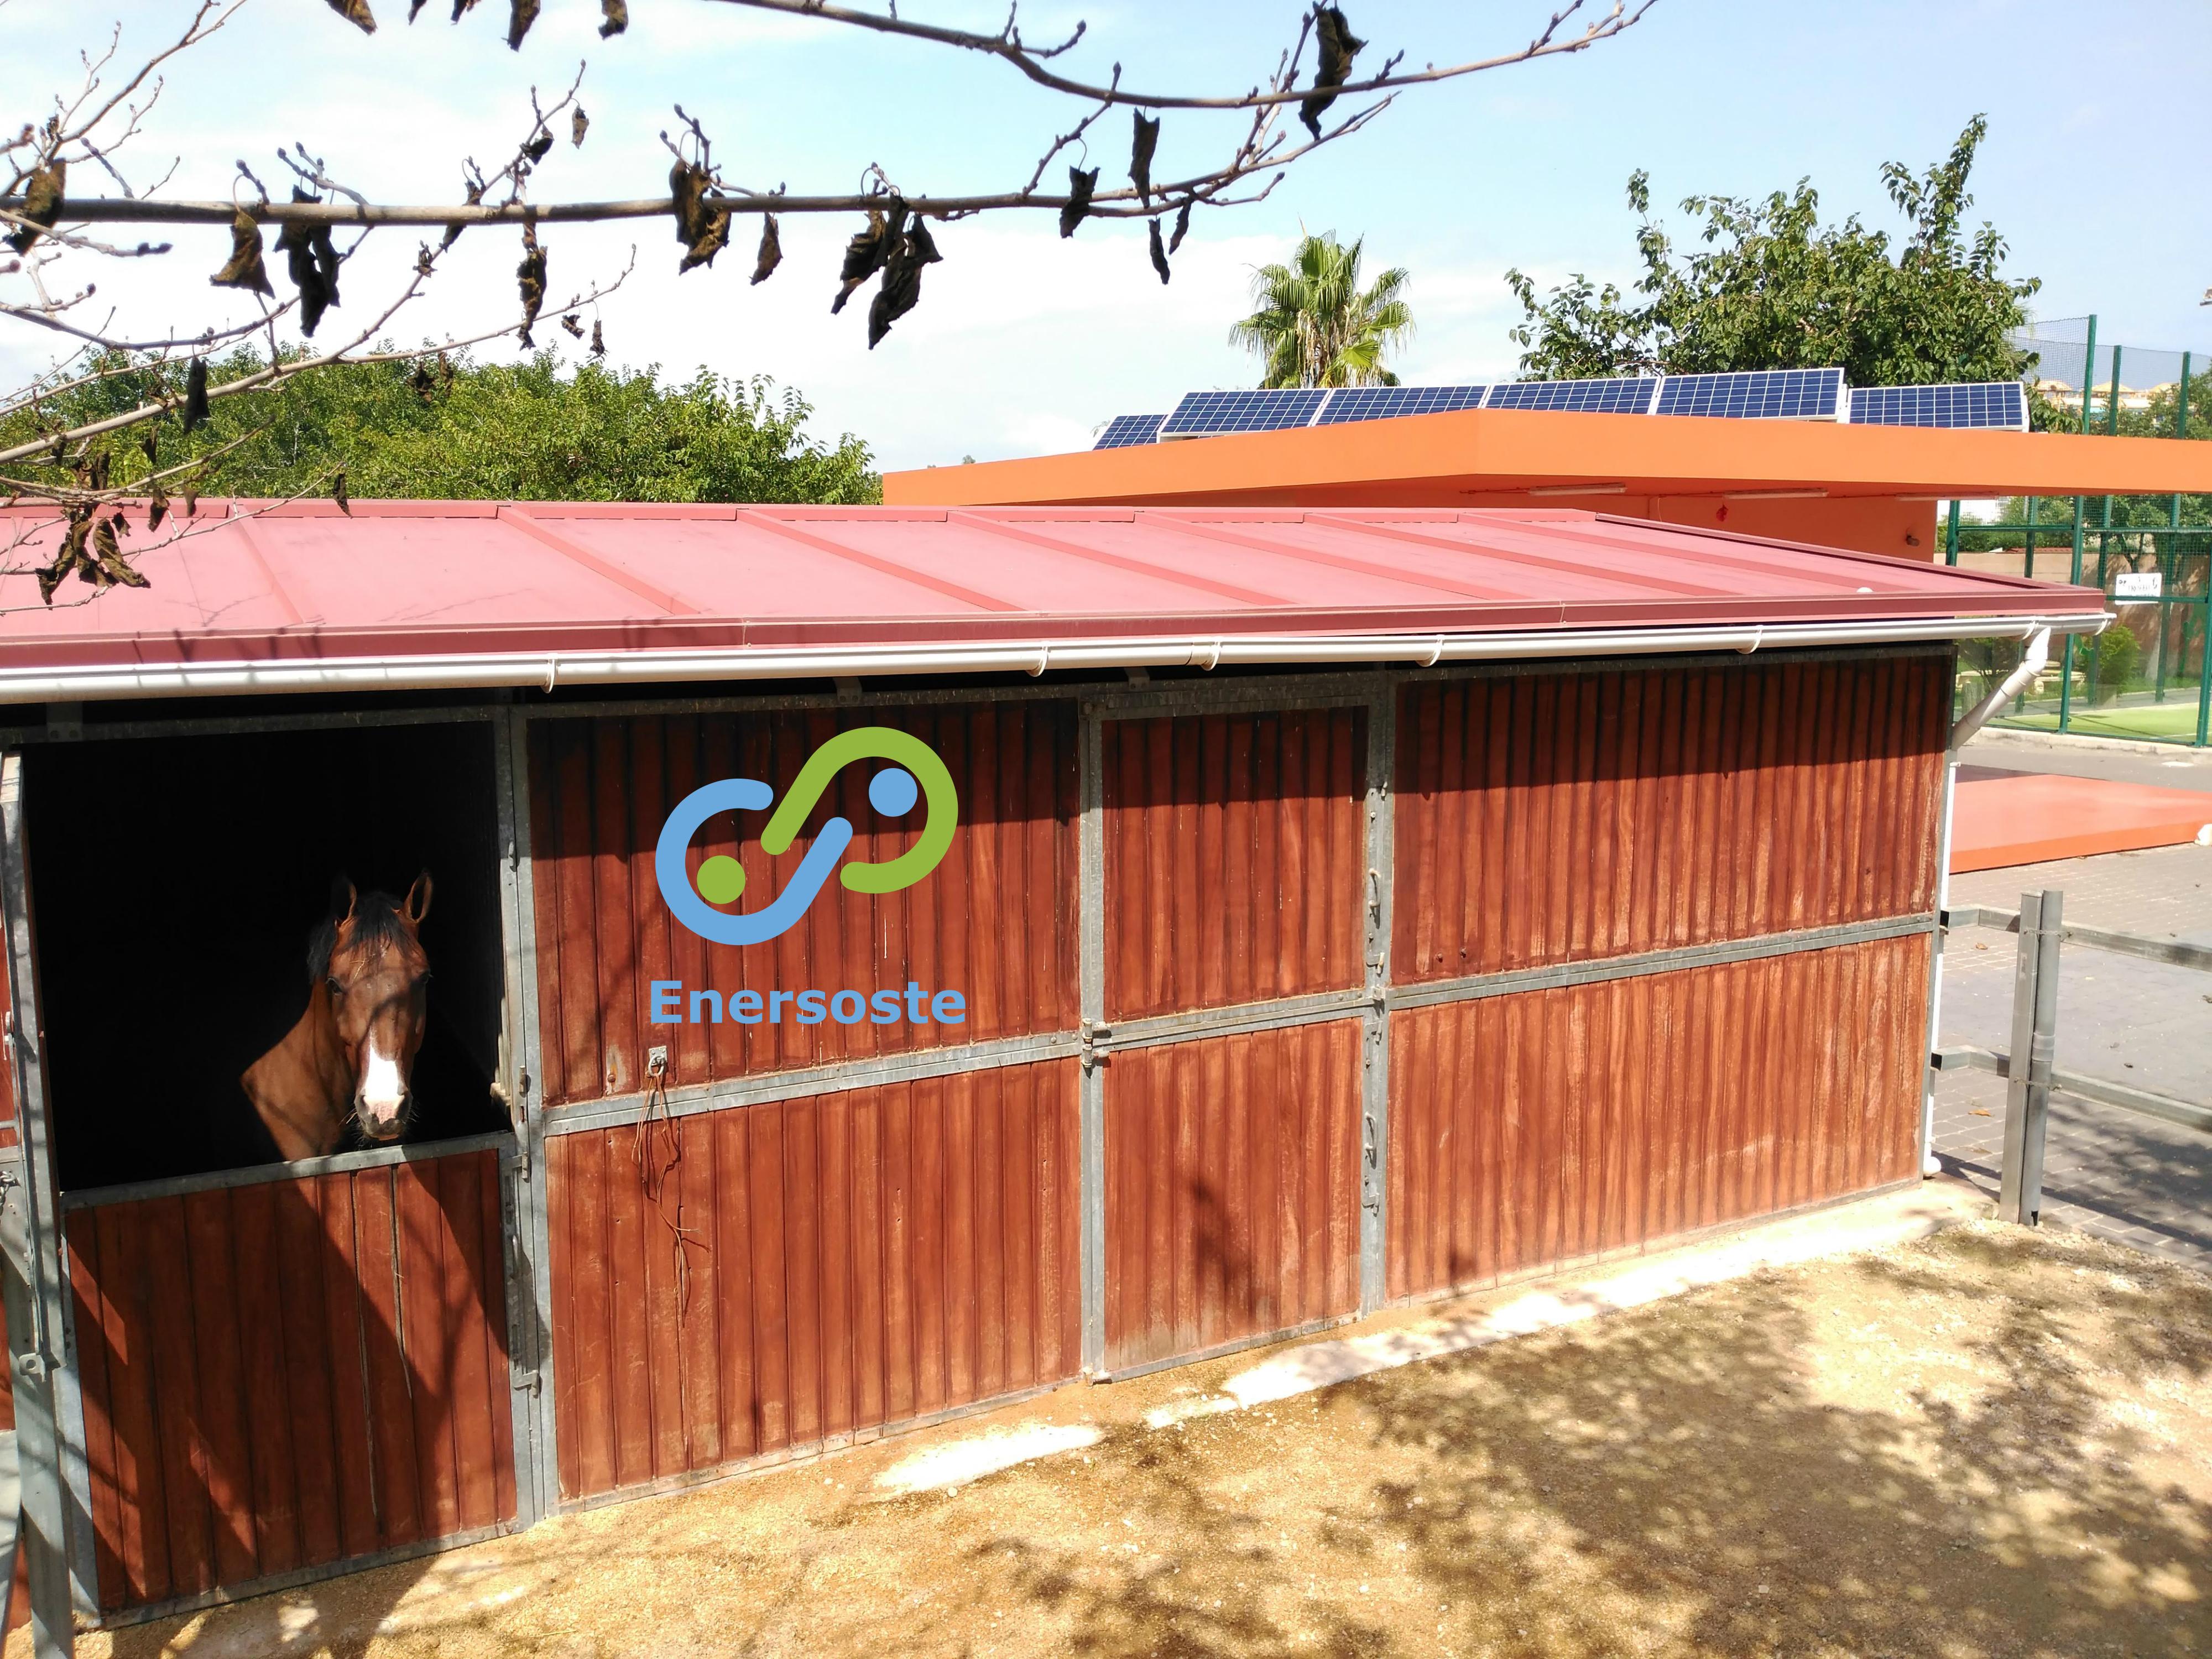 Instalación fotovoltaica de autoconsumo en una yeguada en Gandía